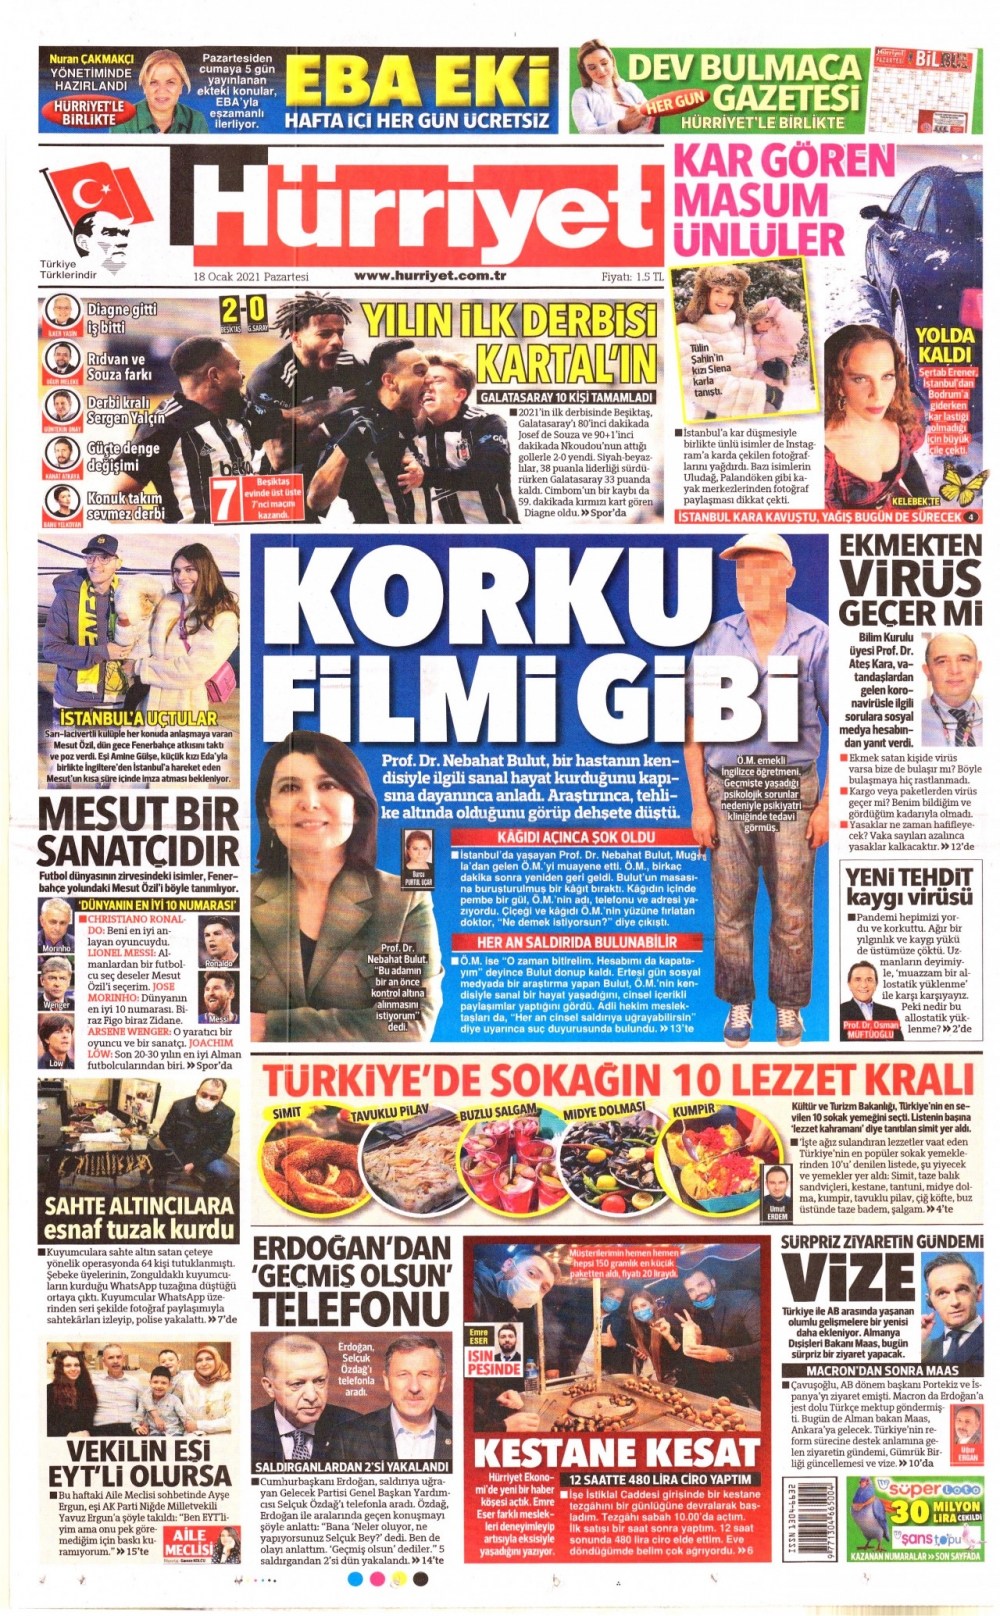 Günün Gazete Manşetleri 18 Ocak 2021 Gazeteler Ne Diyor? 1